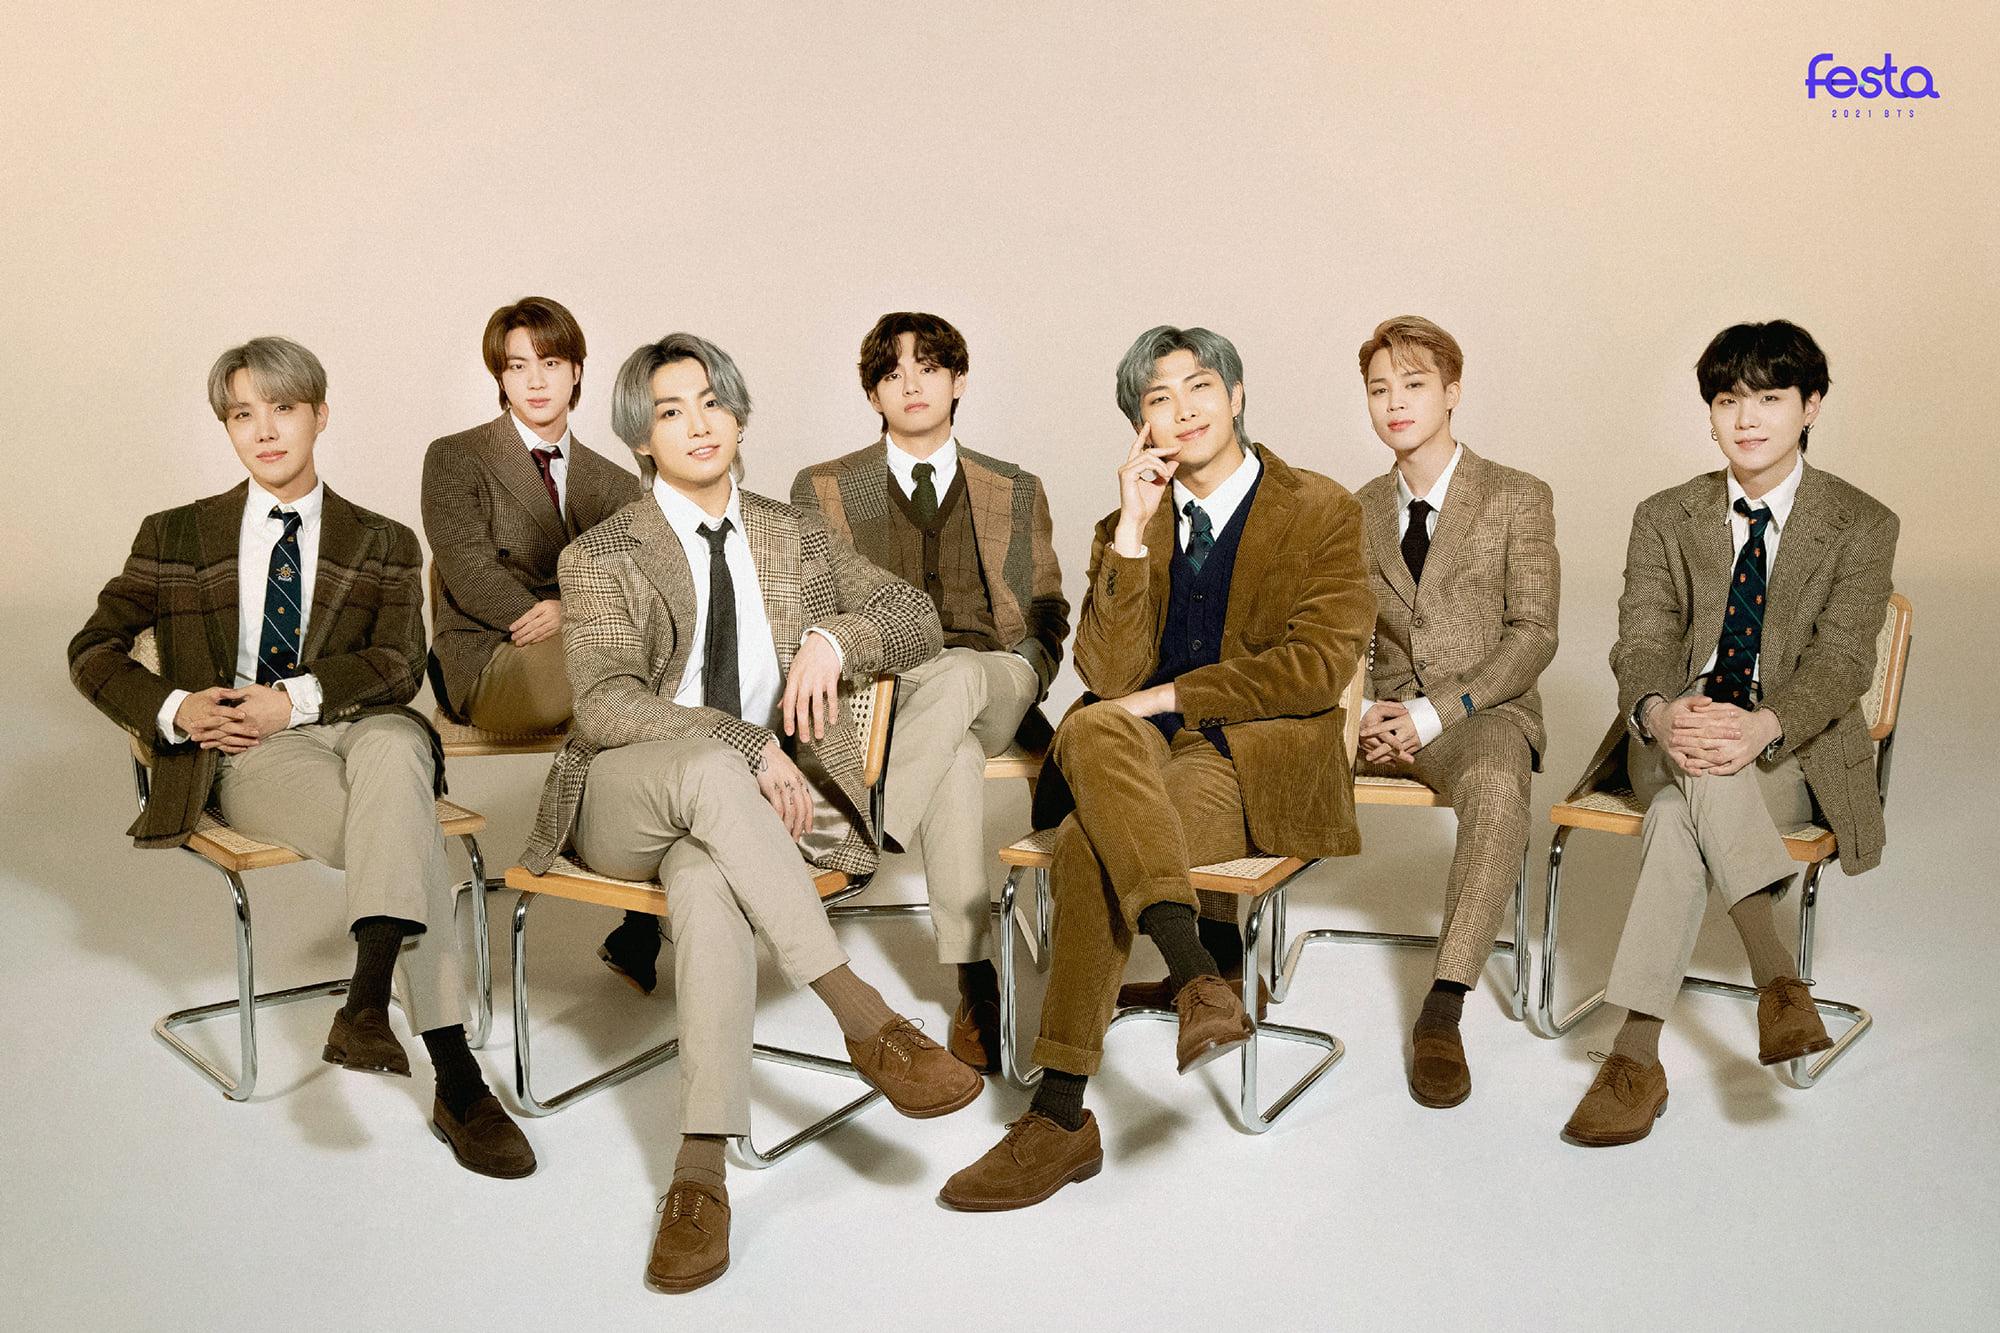 BTS Festa 20 Family Portrait Photos HD/HQ   K Pop Database ...